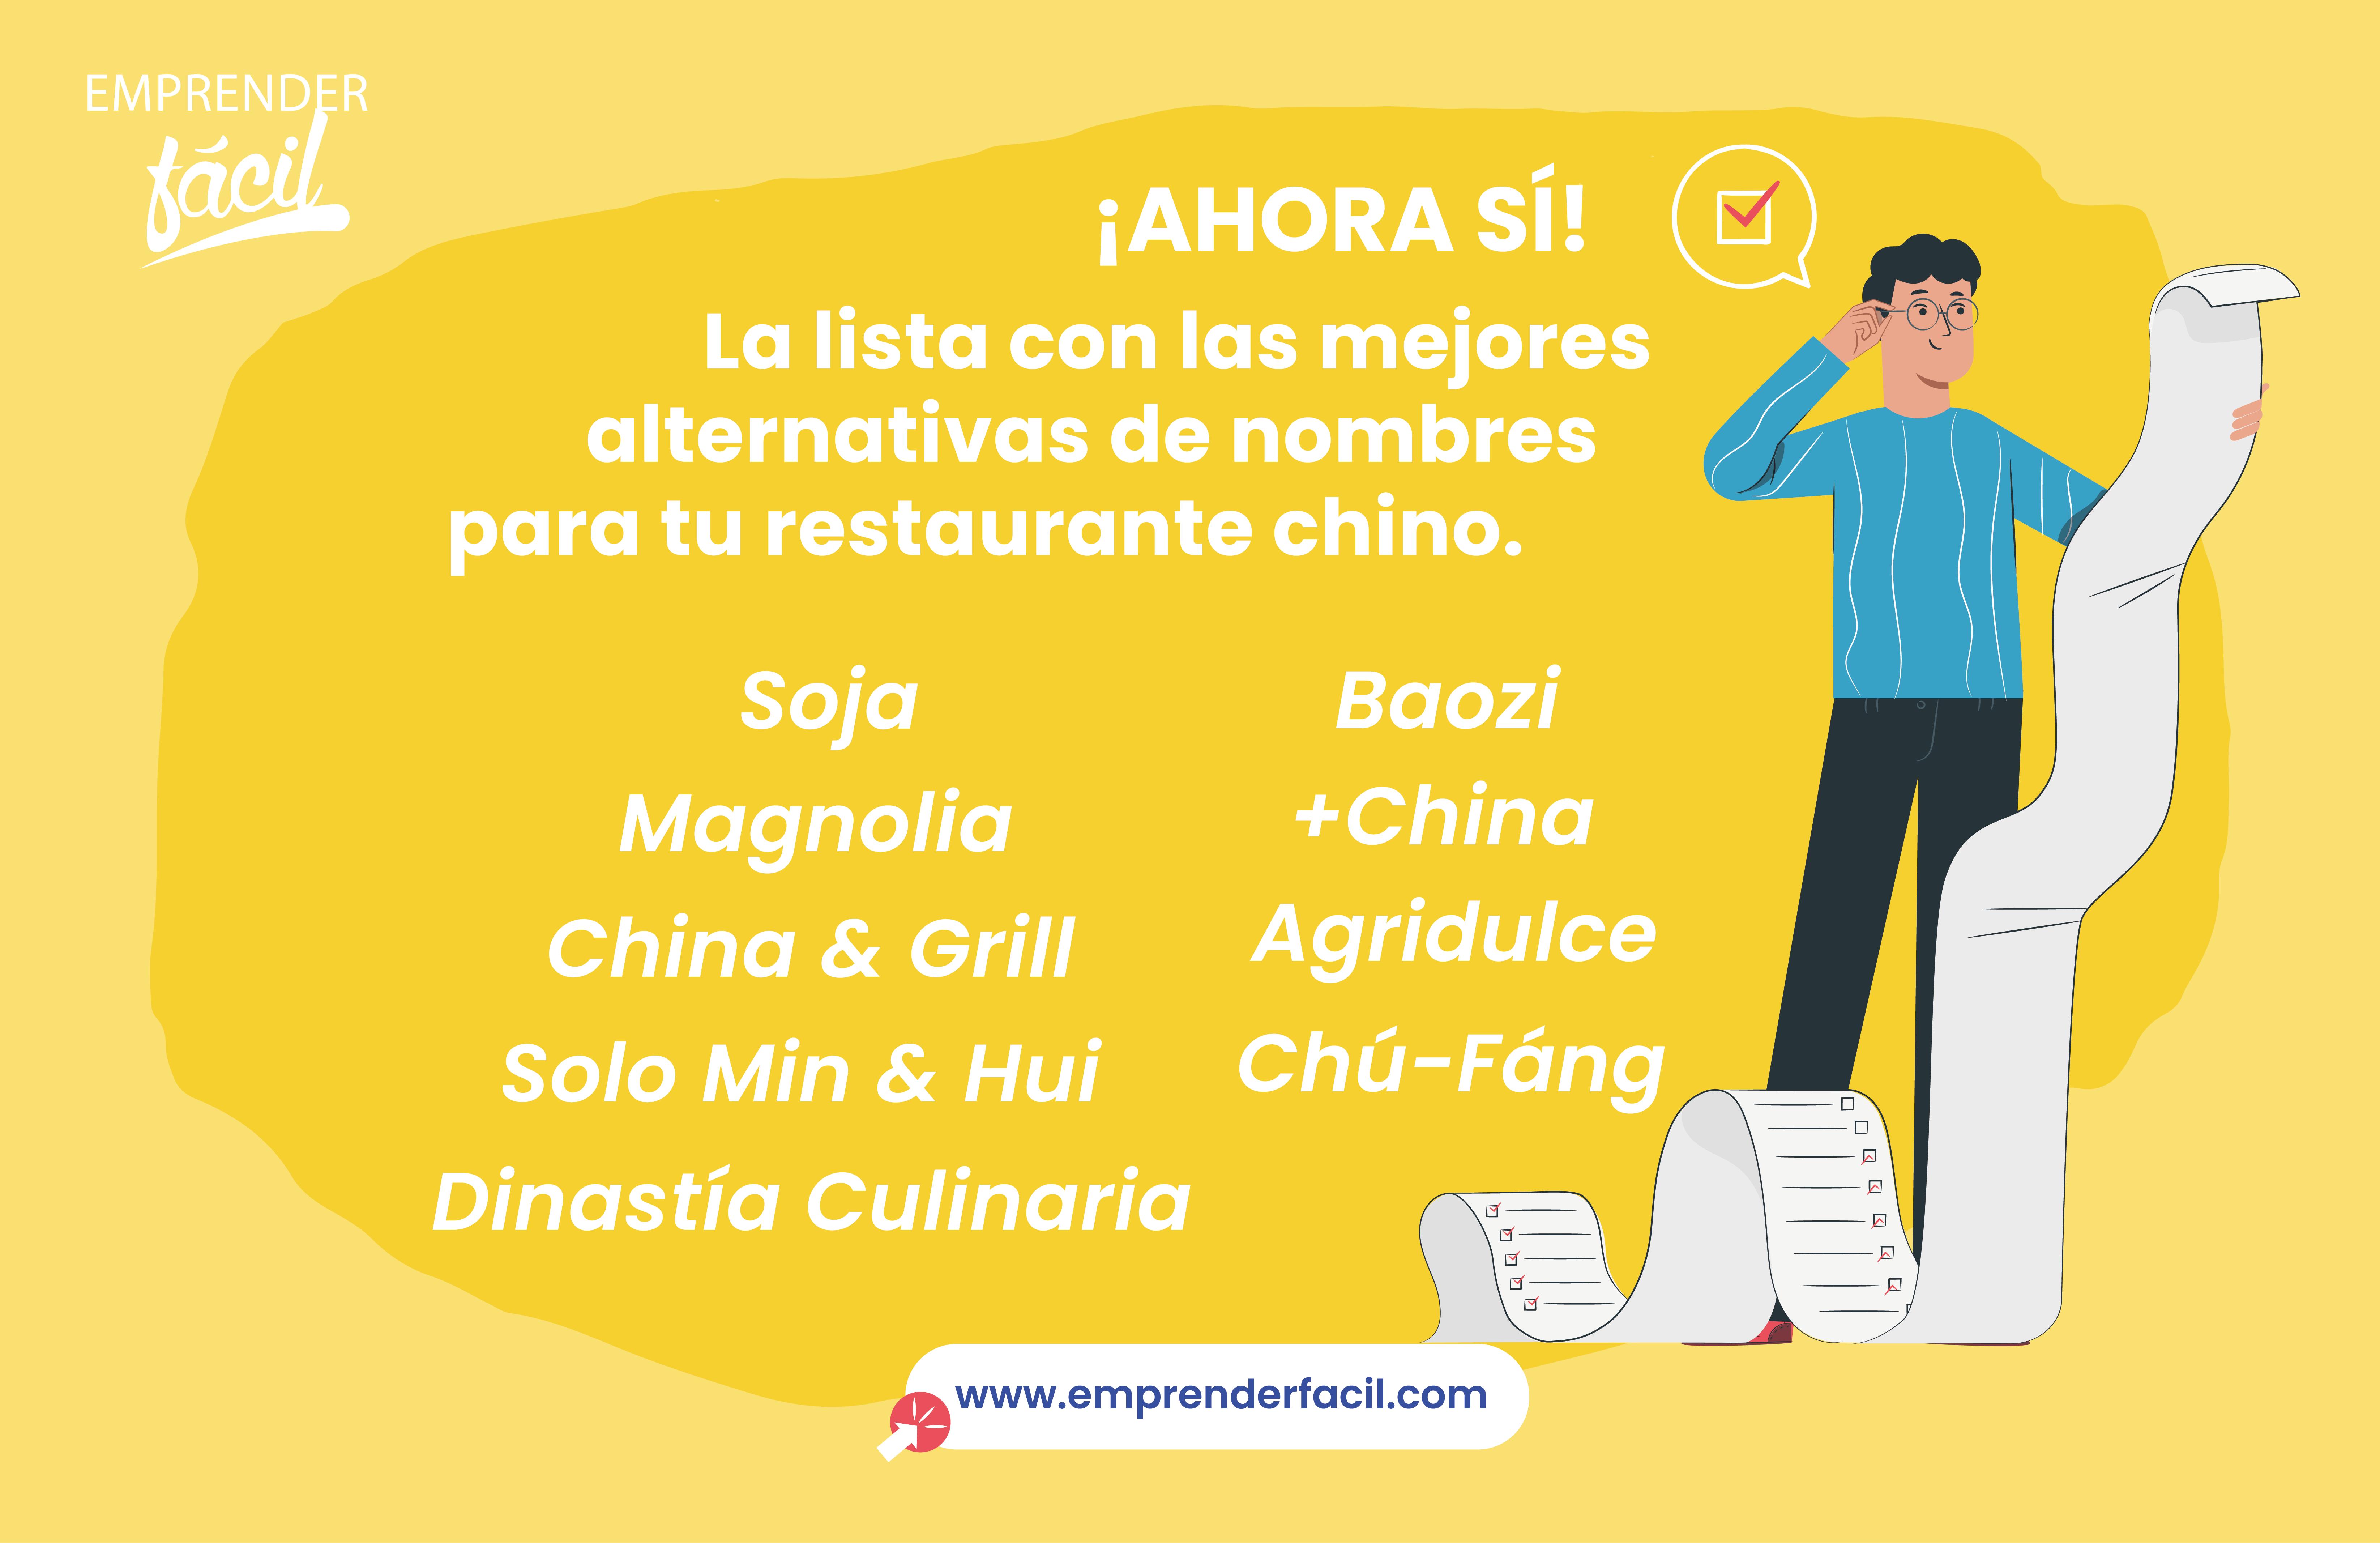 70 Nombres para Restaurantes Chinos. ¡Elige uno muy suculento!